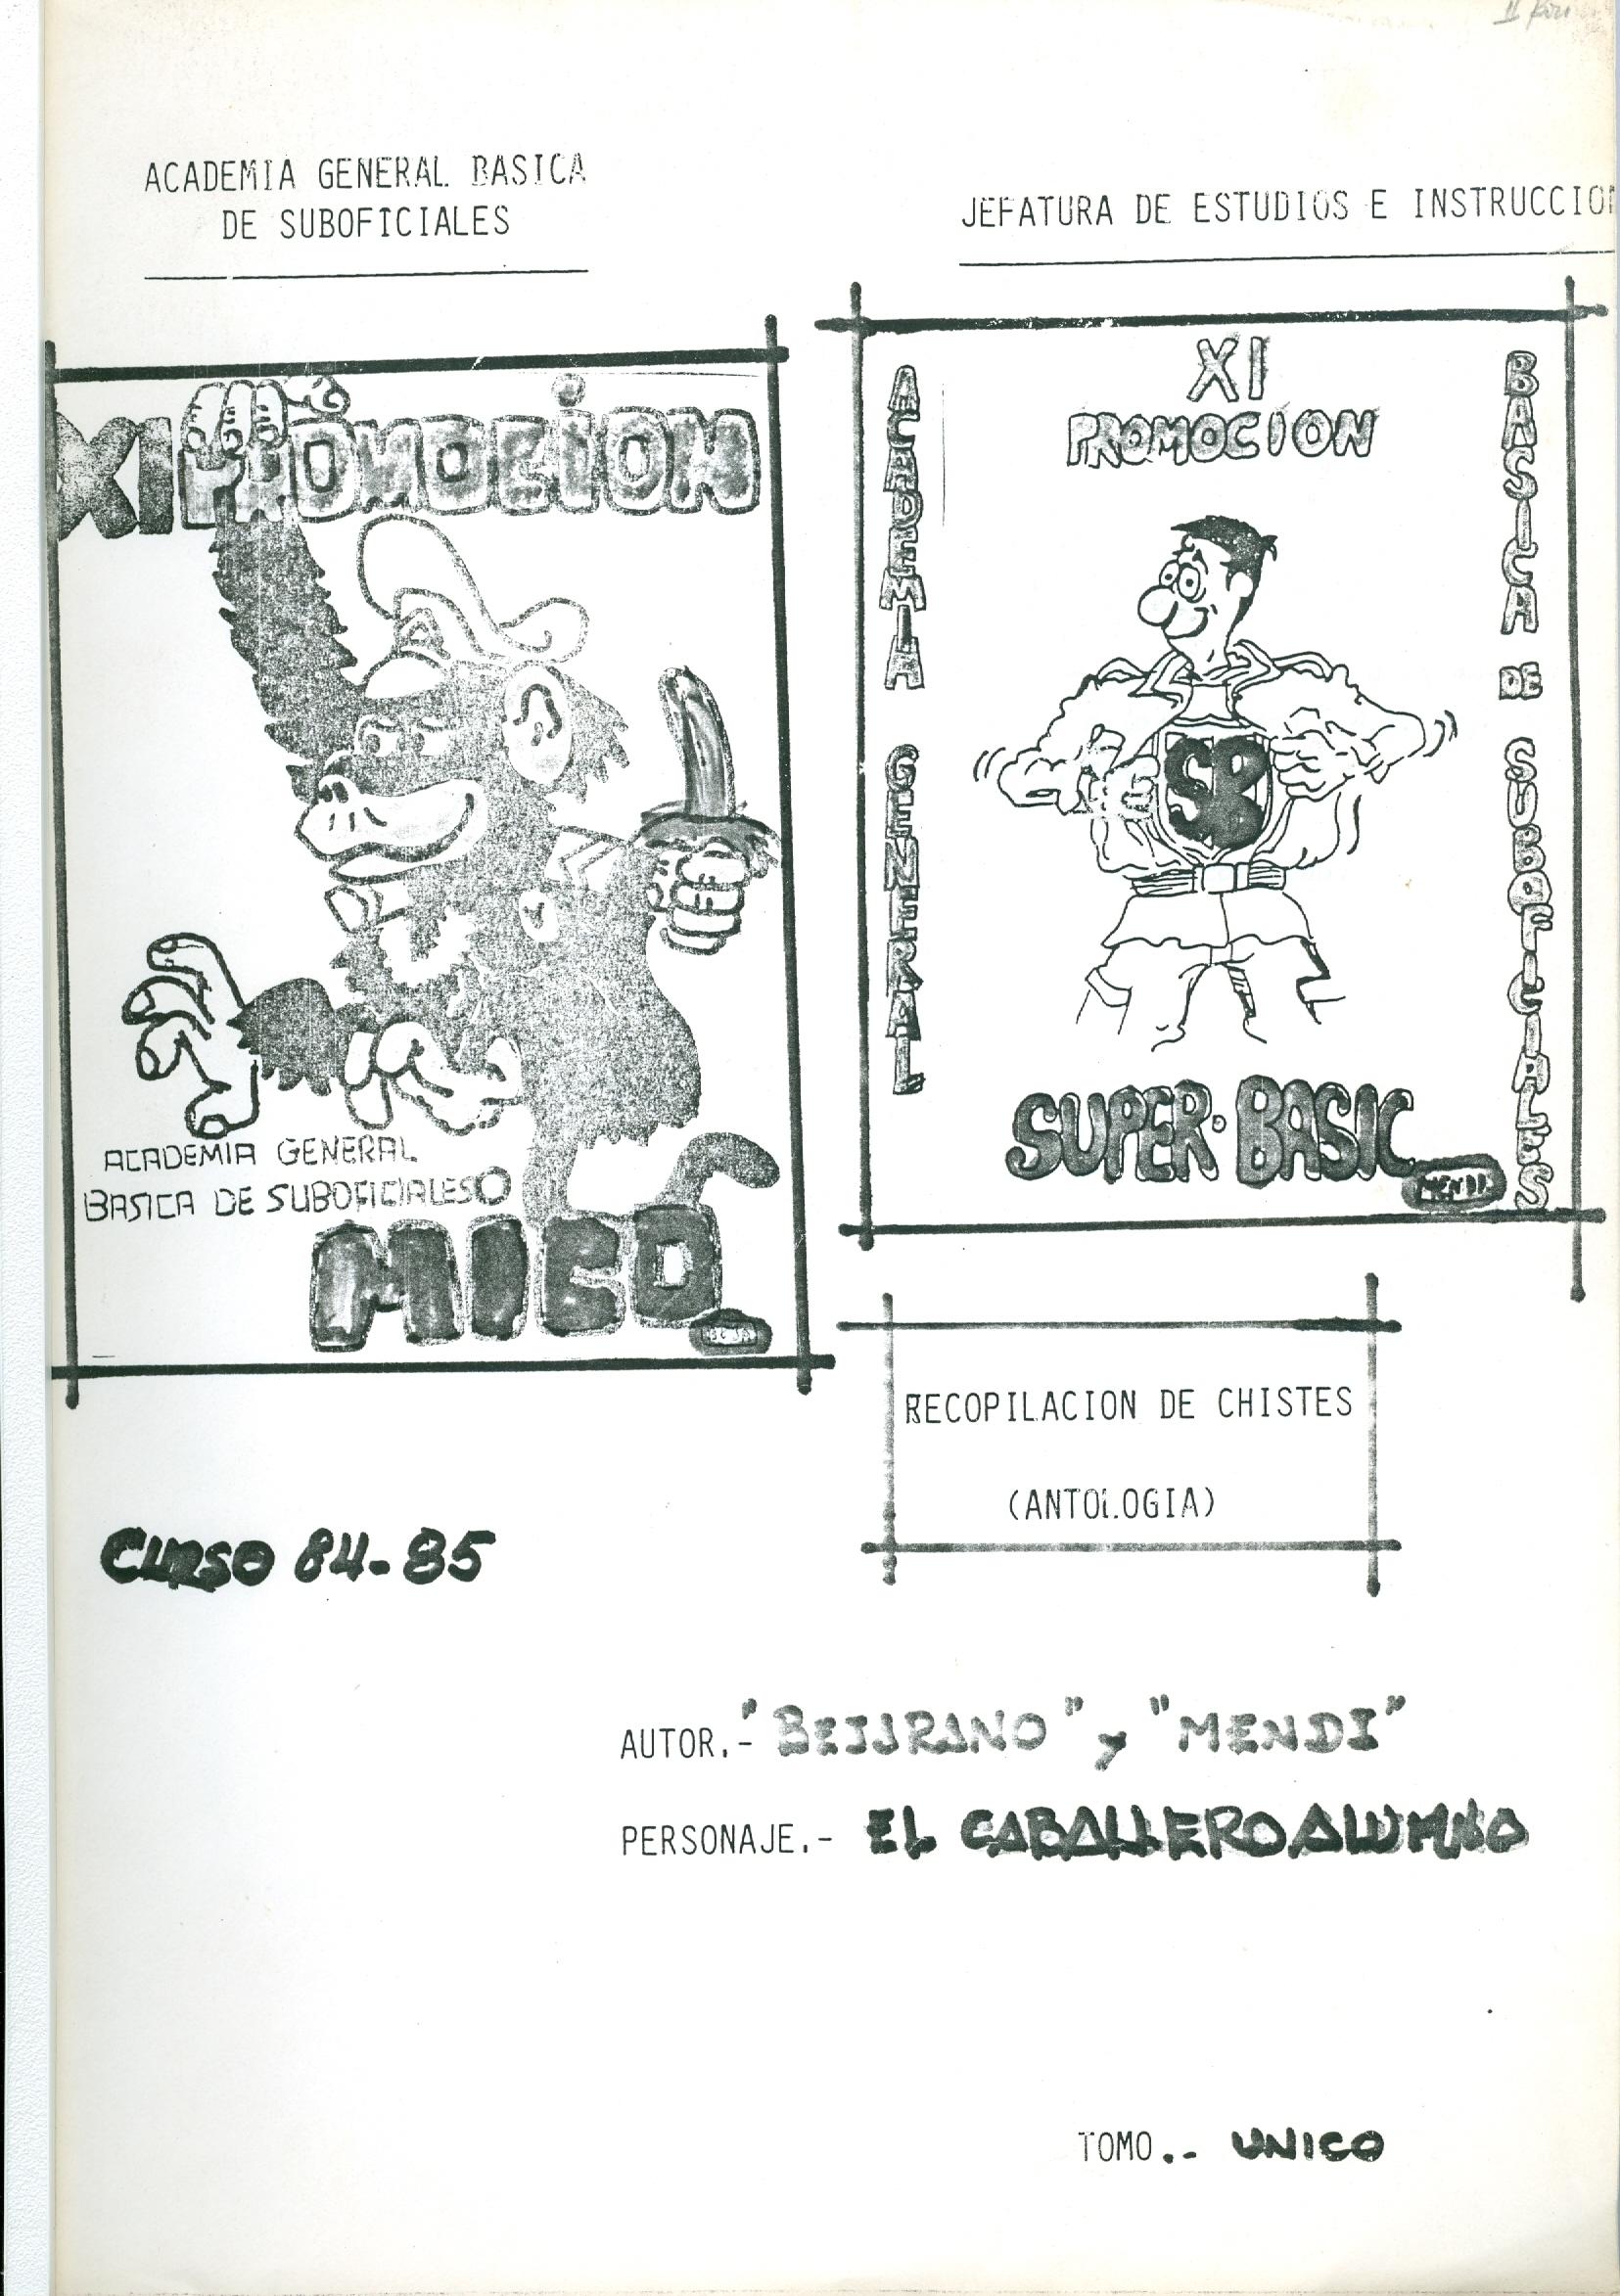 Antología Recopilación chistes. XI Prom.